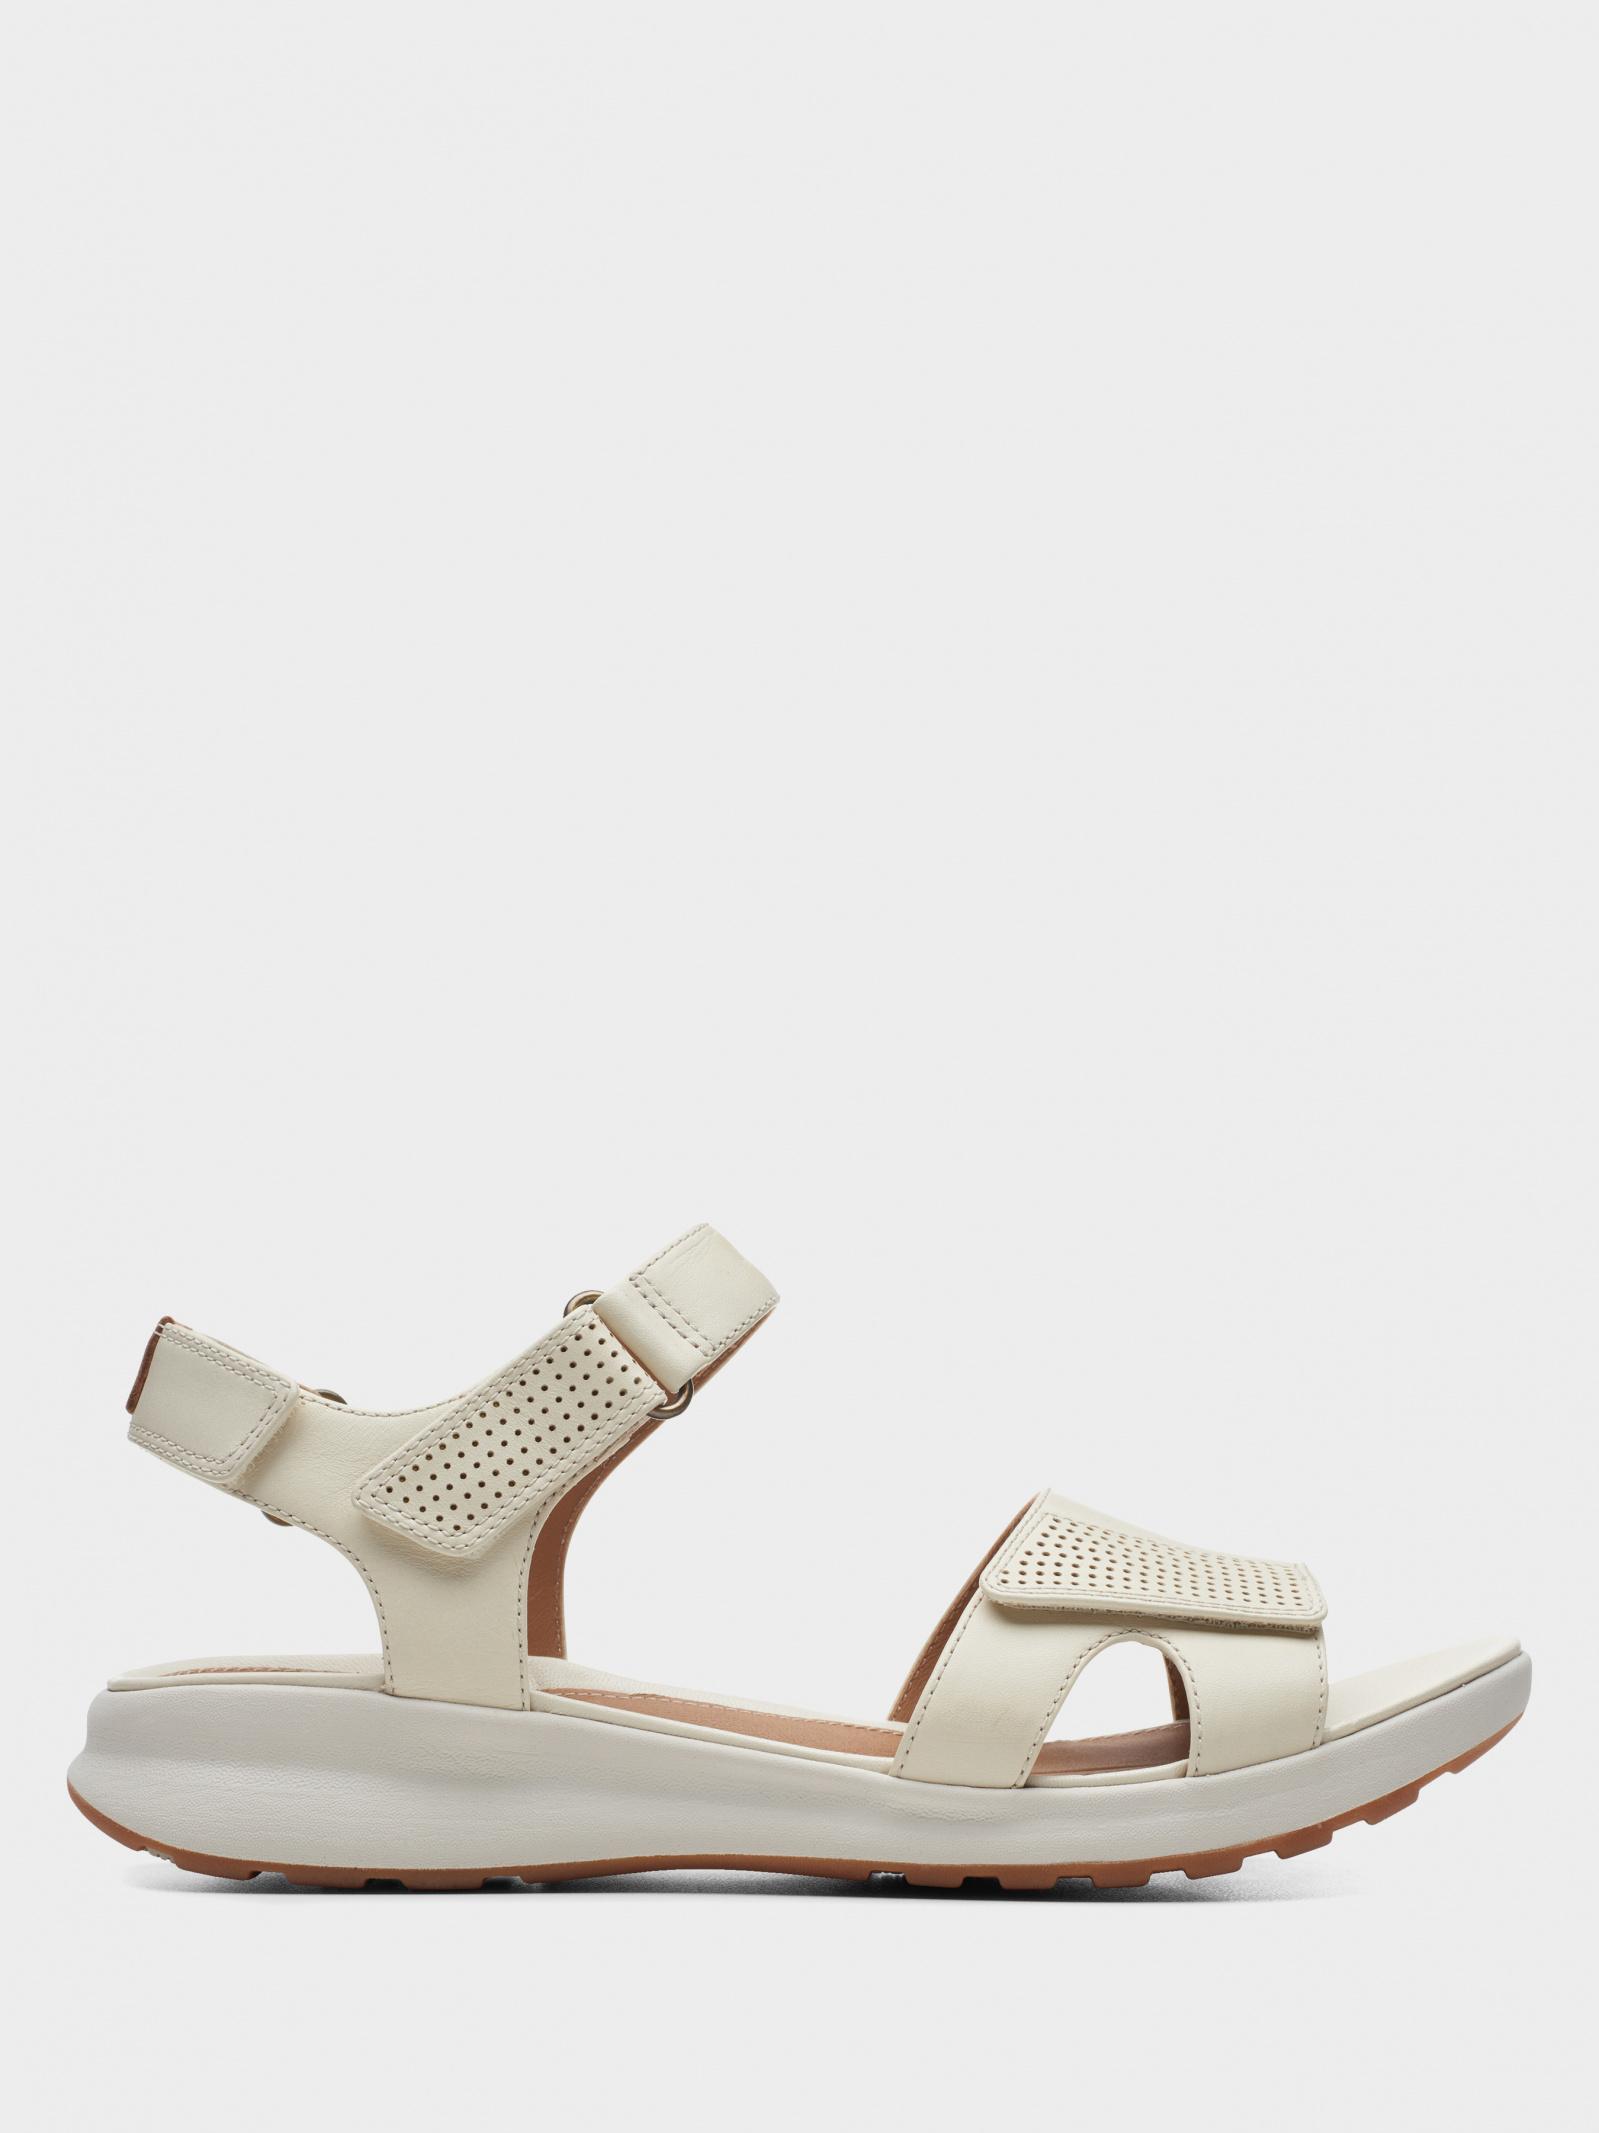 Сандалі  для жінок Clarks 2614-8723 розміри взуття, 2017